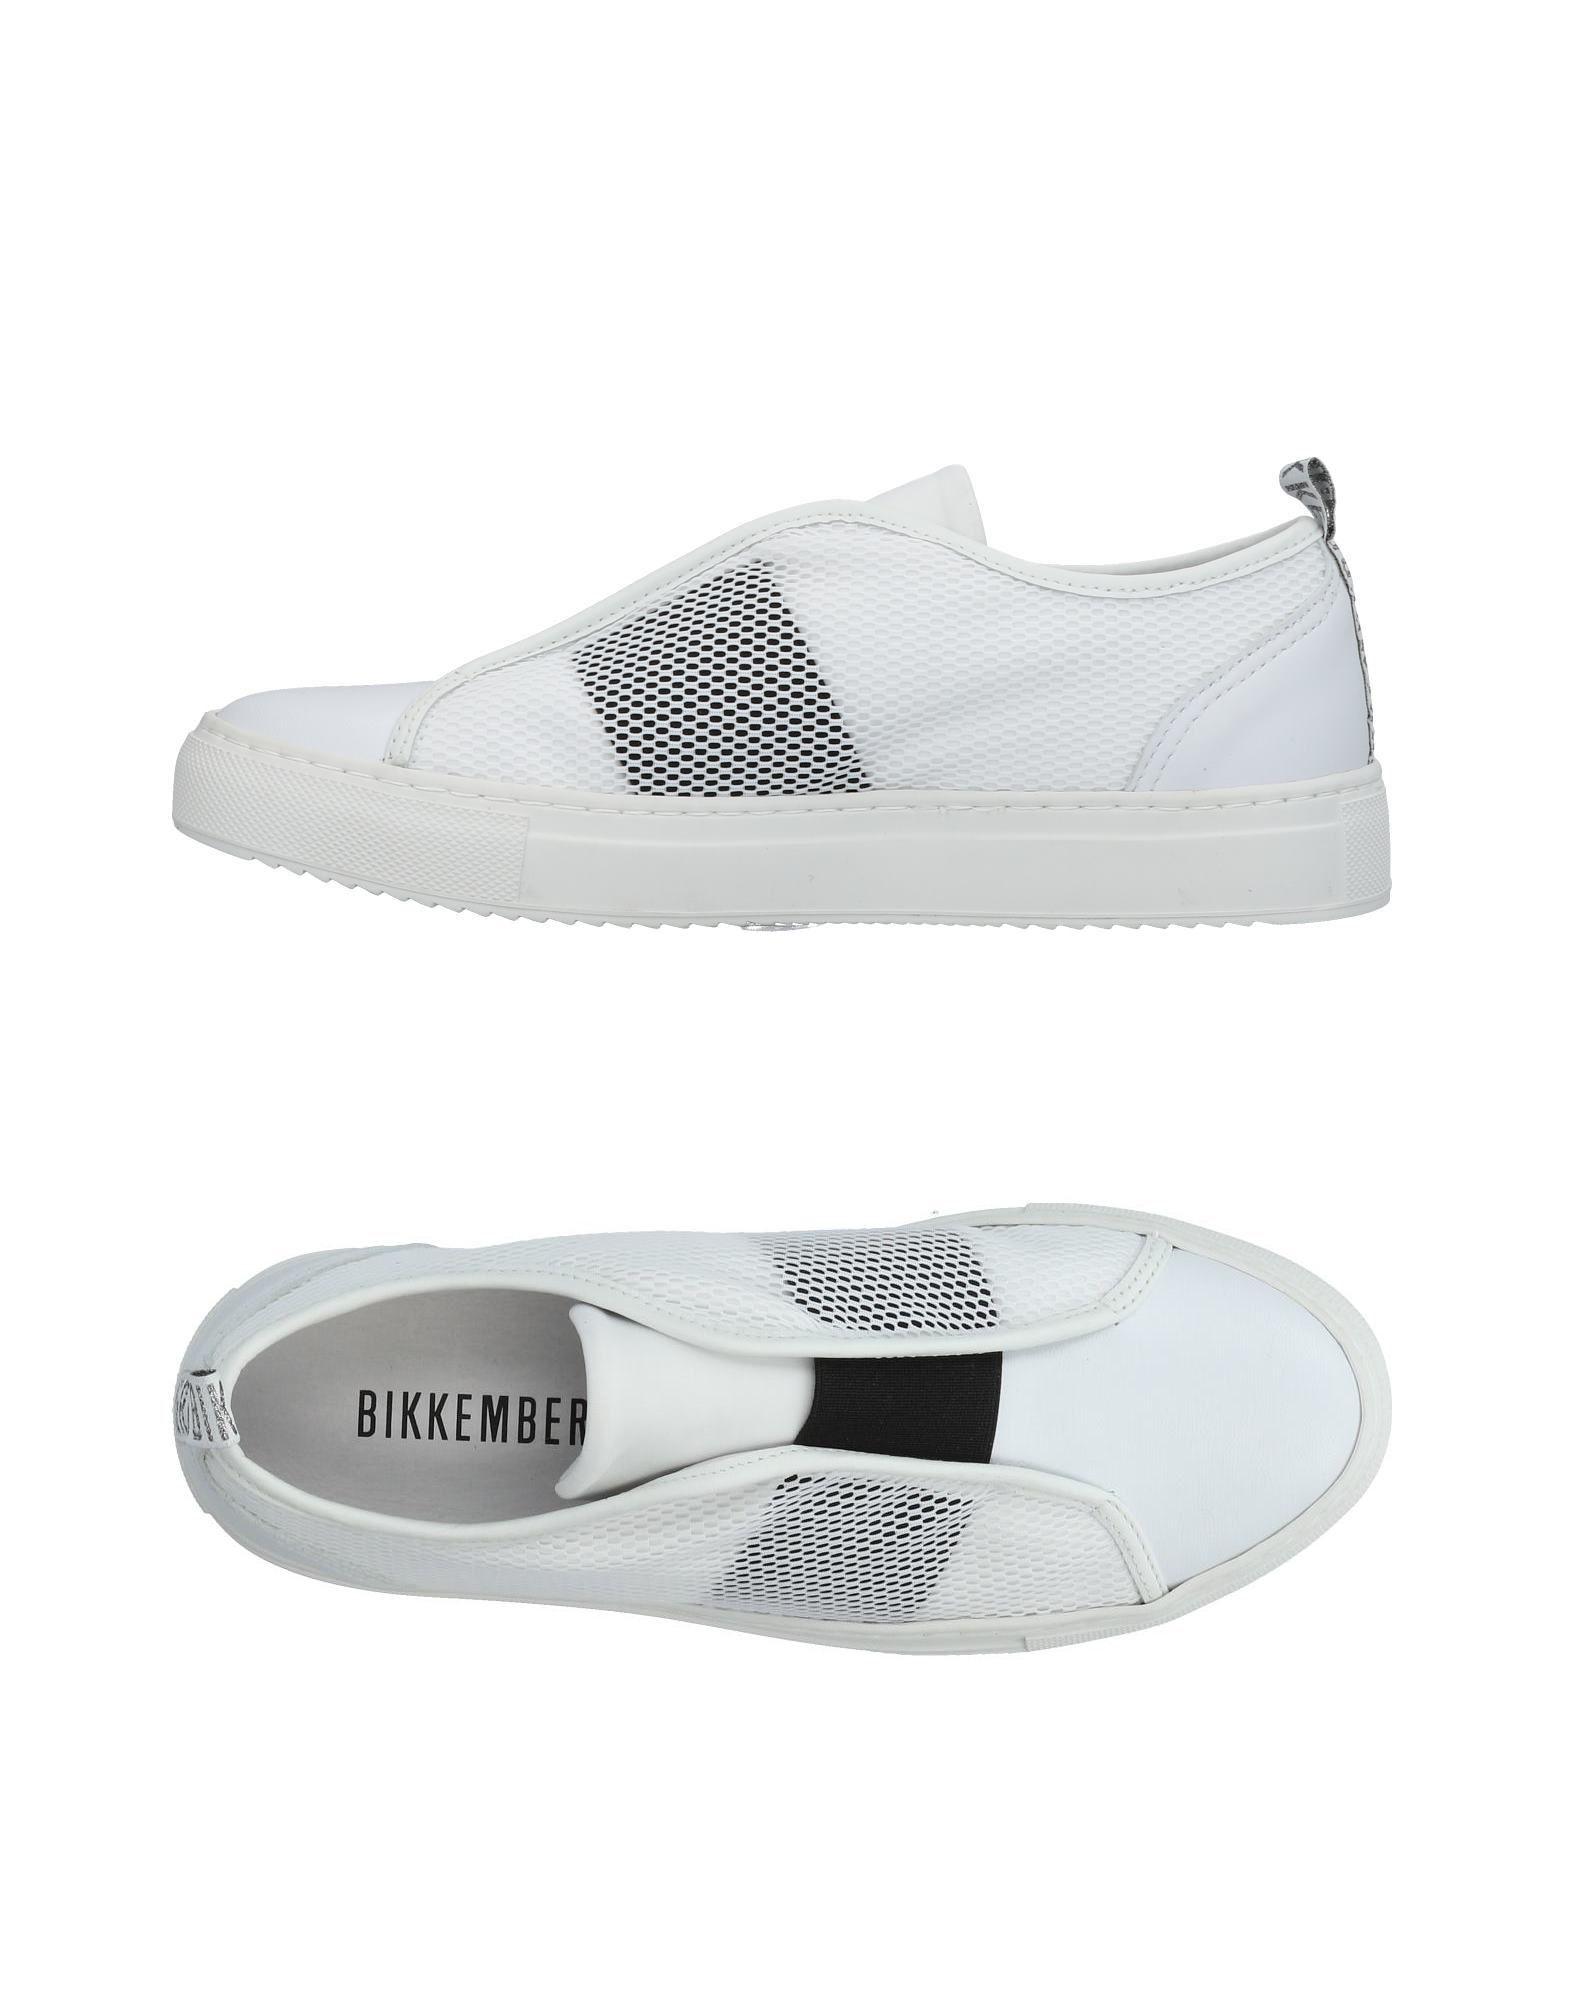 Bikkembergs Sneakers Damen  11417846WC Gute Qualität beliebte Schuhe